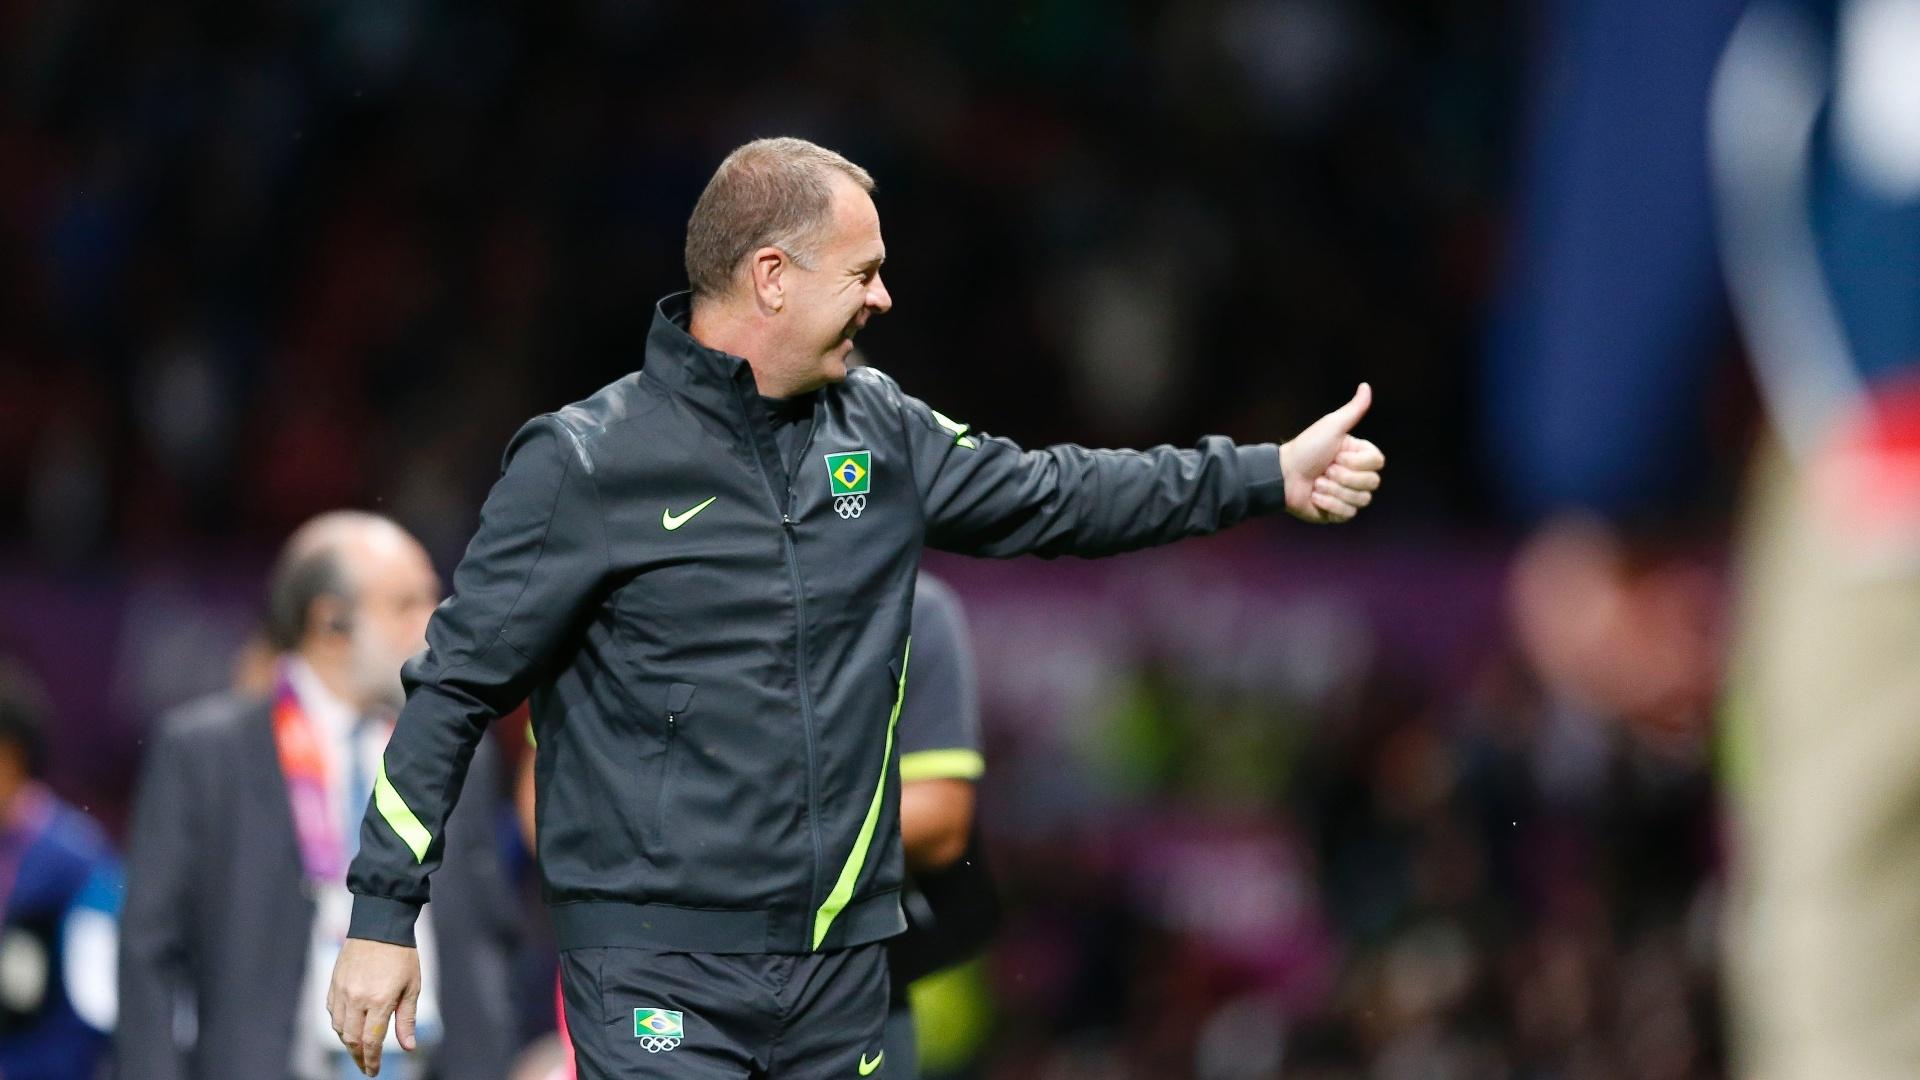 Técnico Mano Menezes acena após a vitória do Brasil sobre a Coreia do Sul pelas semifinal dos Jogos